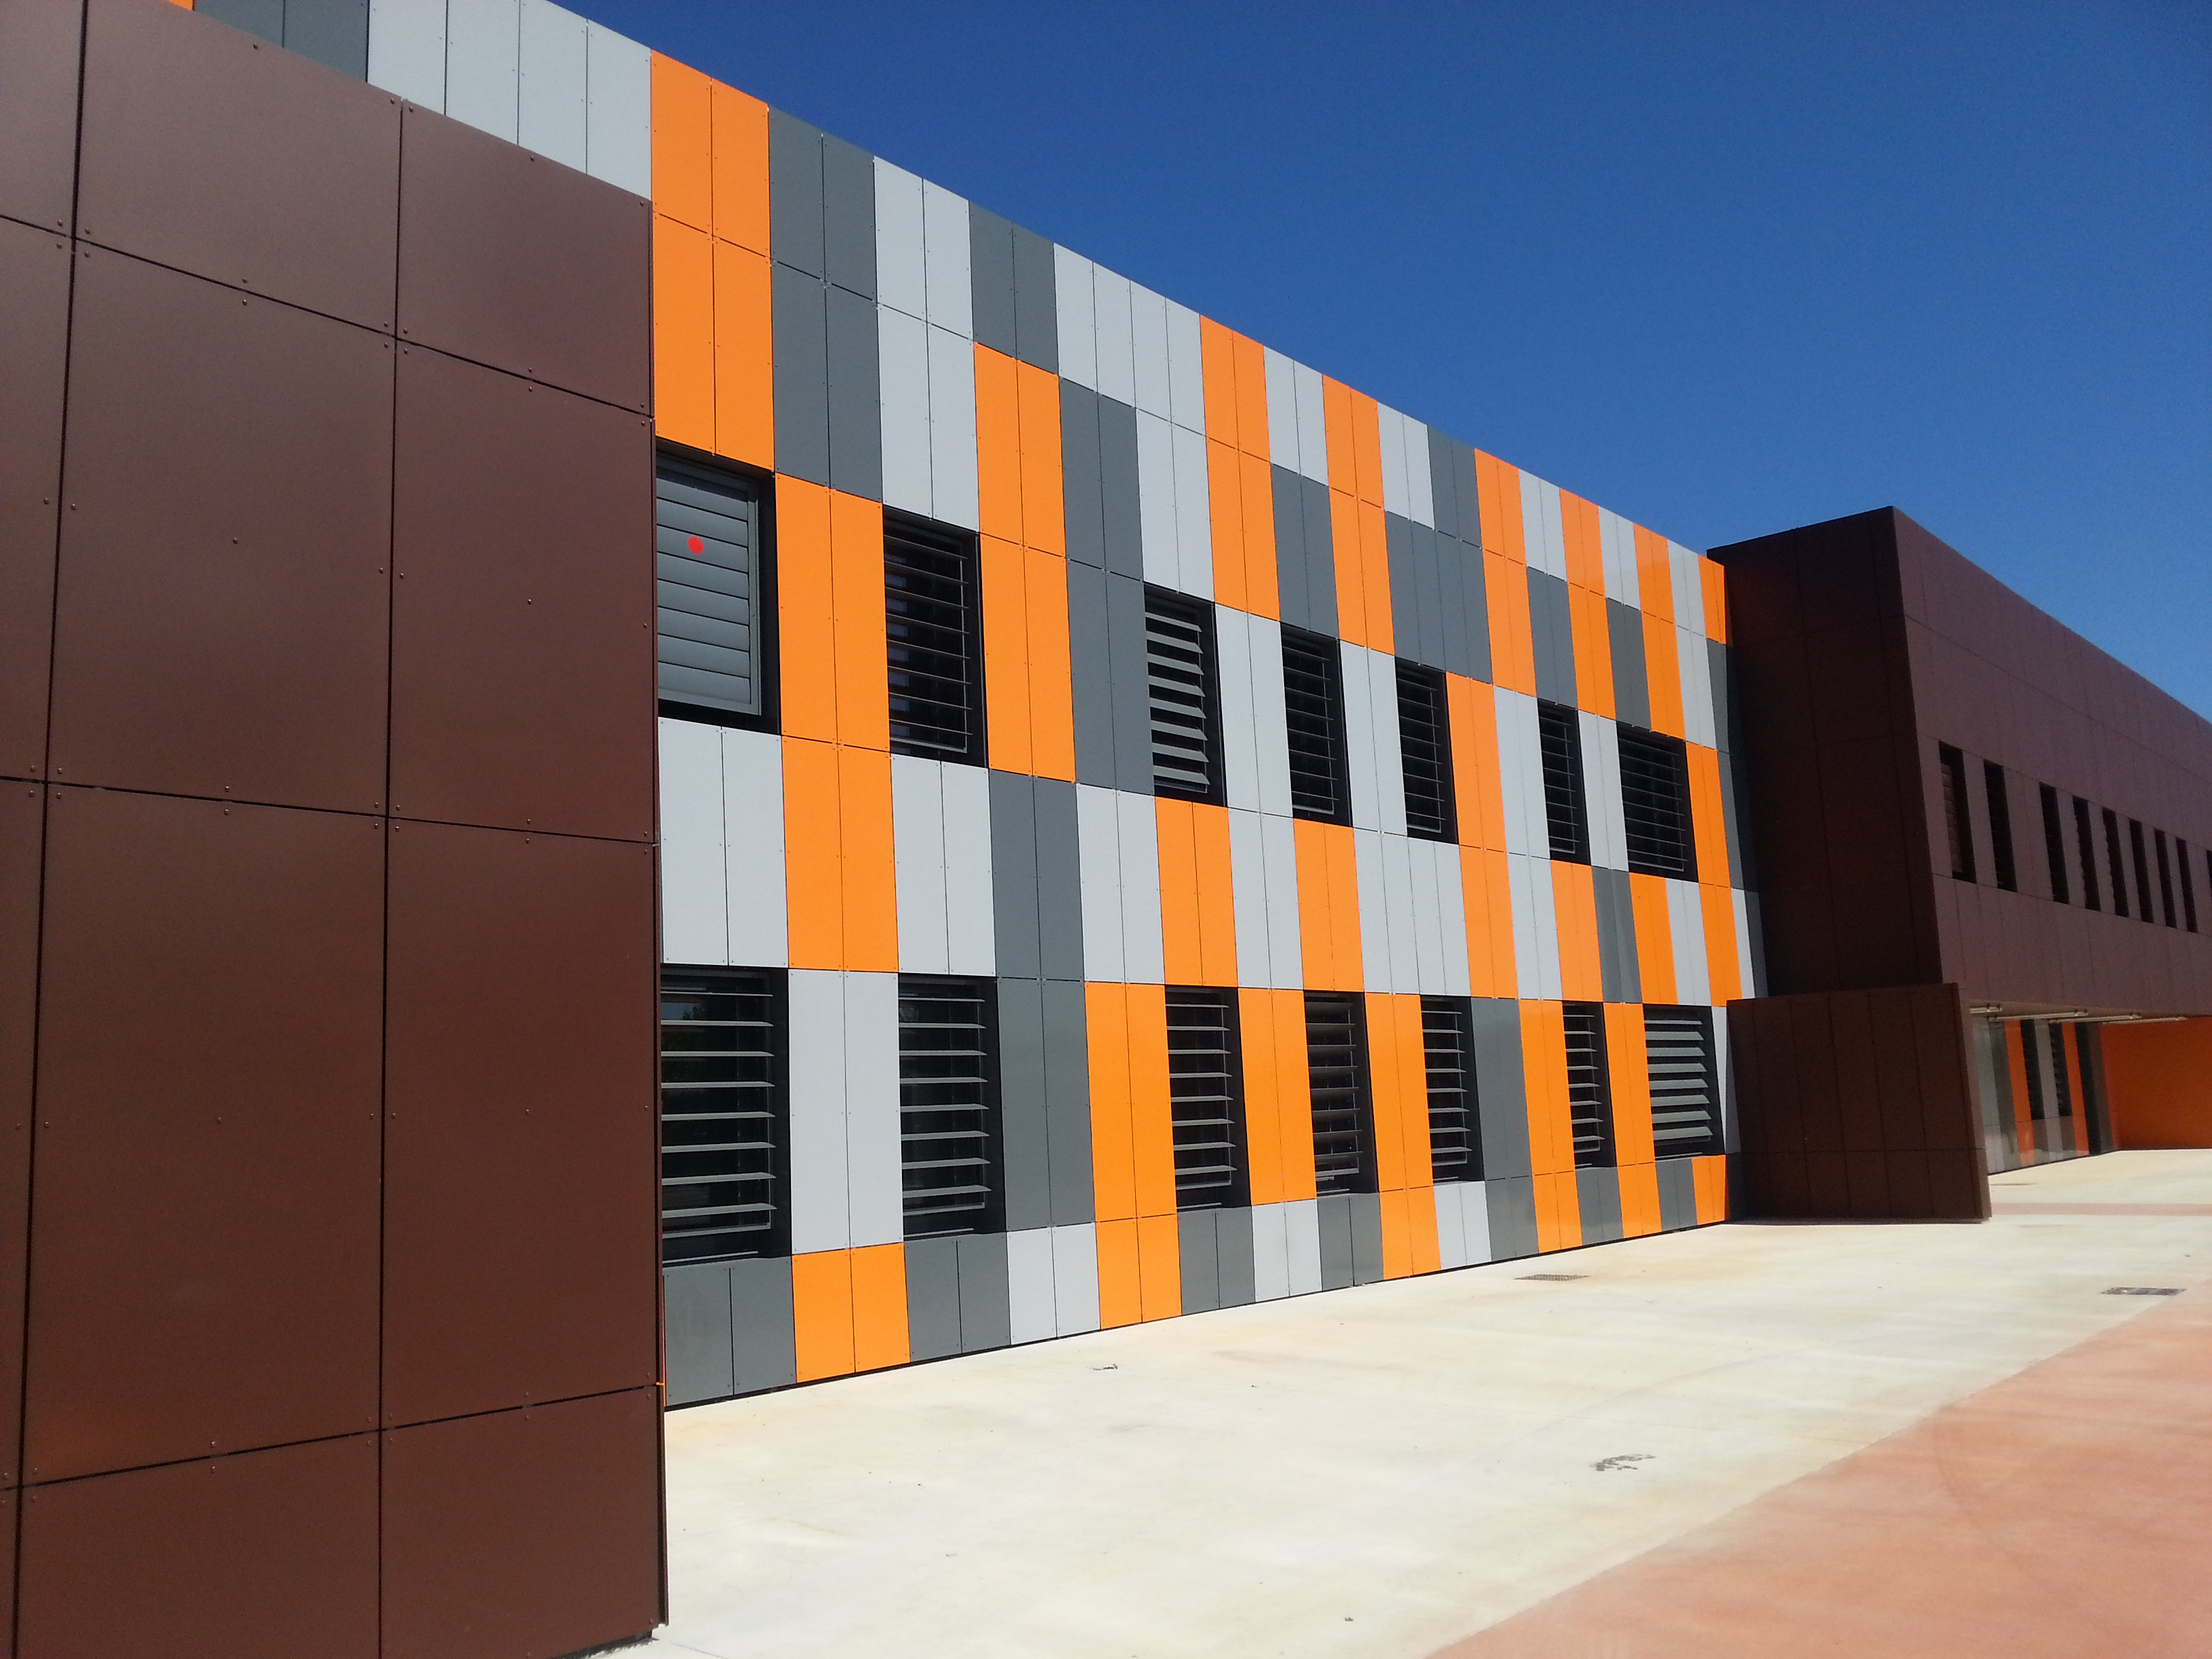 Centre de Formations de l_Industrie - Baillargues 34 - 2013 Surfacier